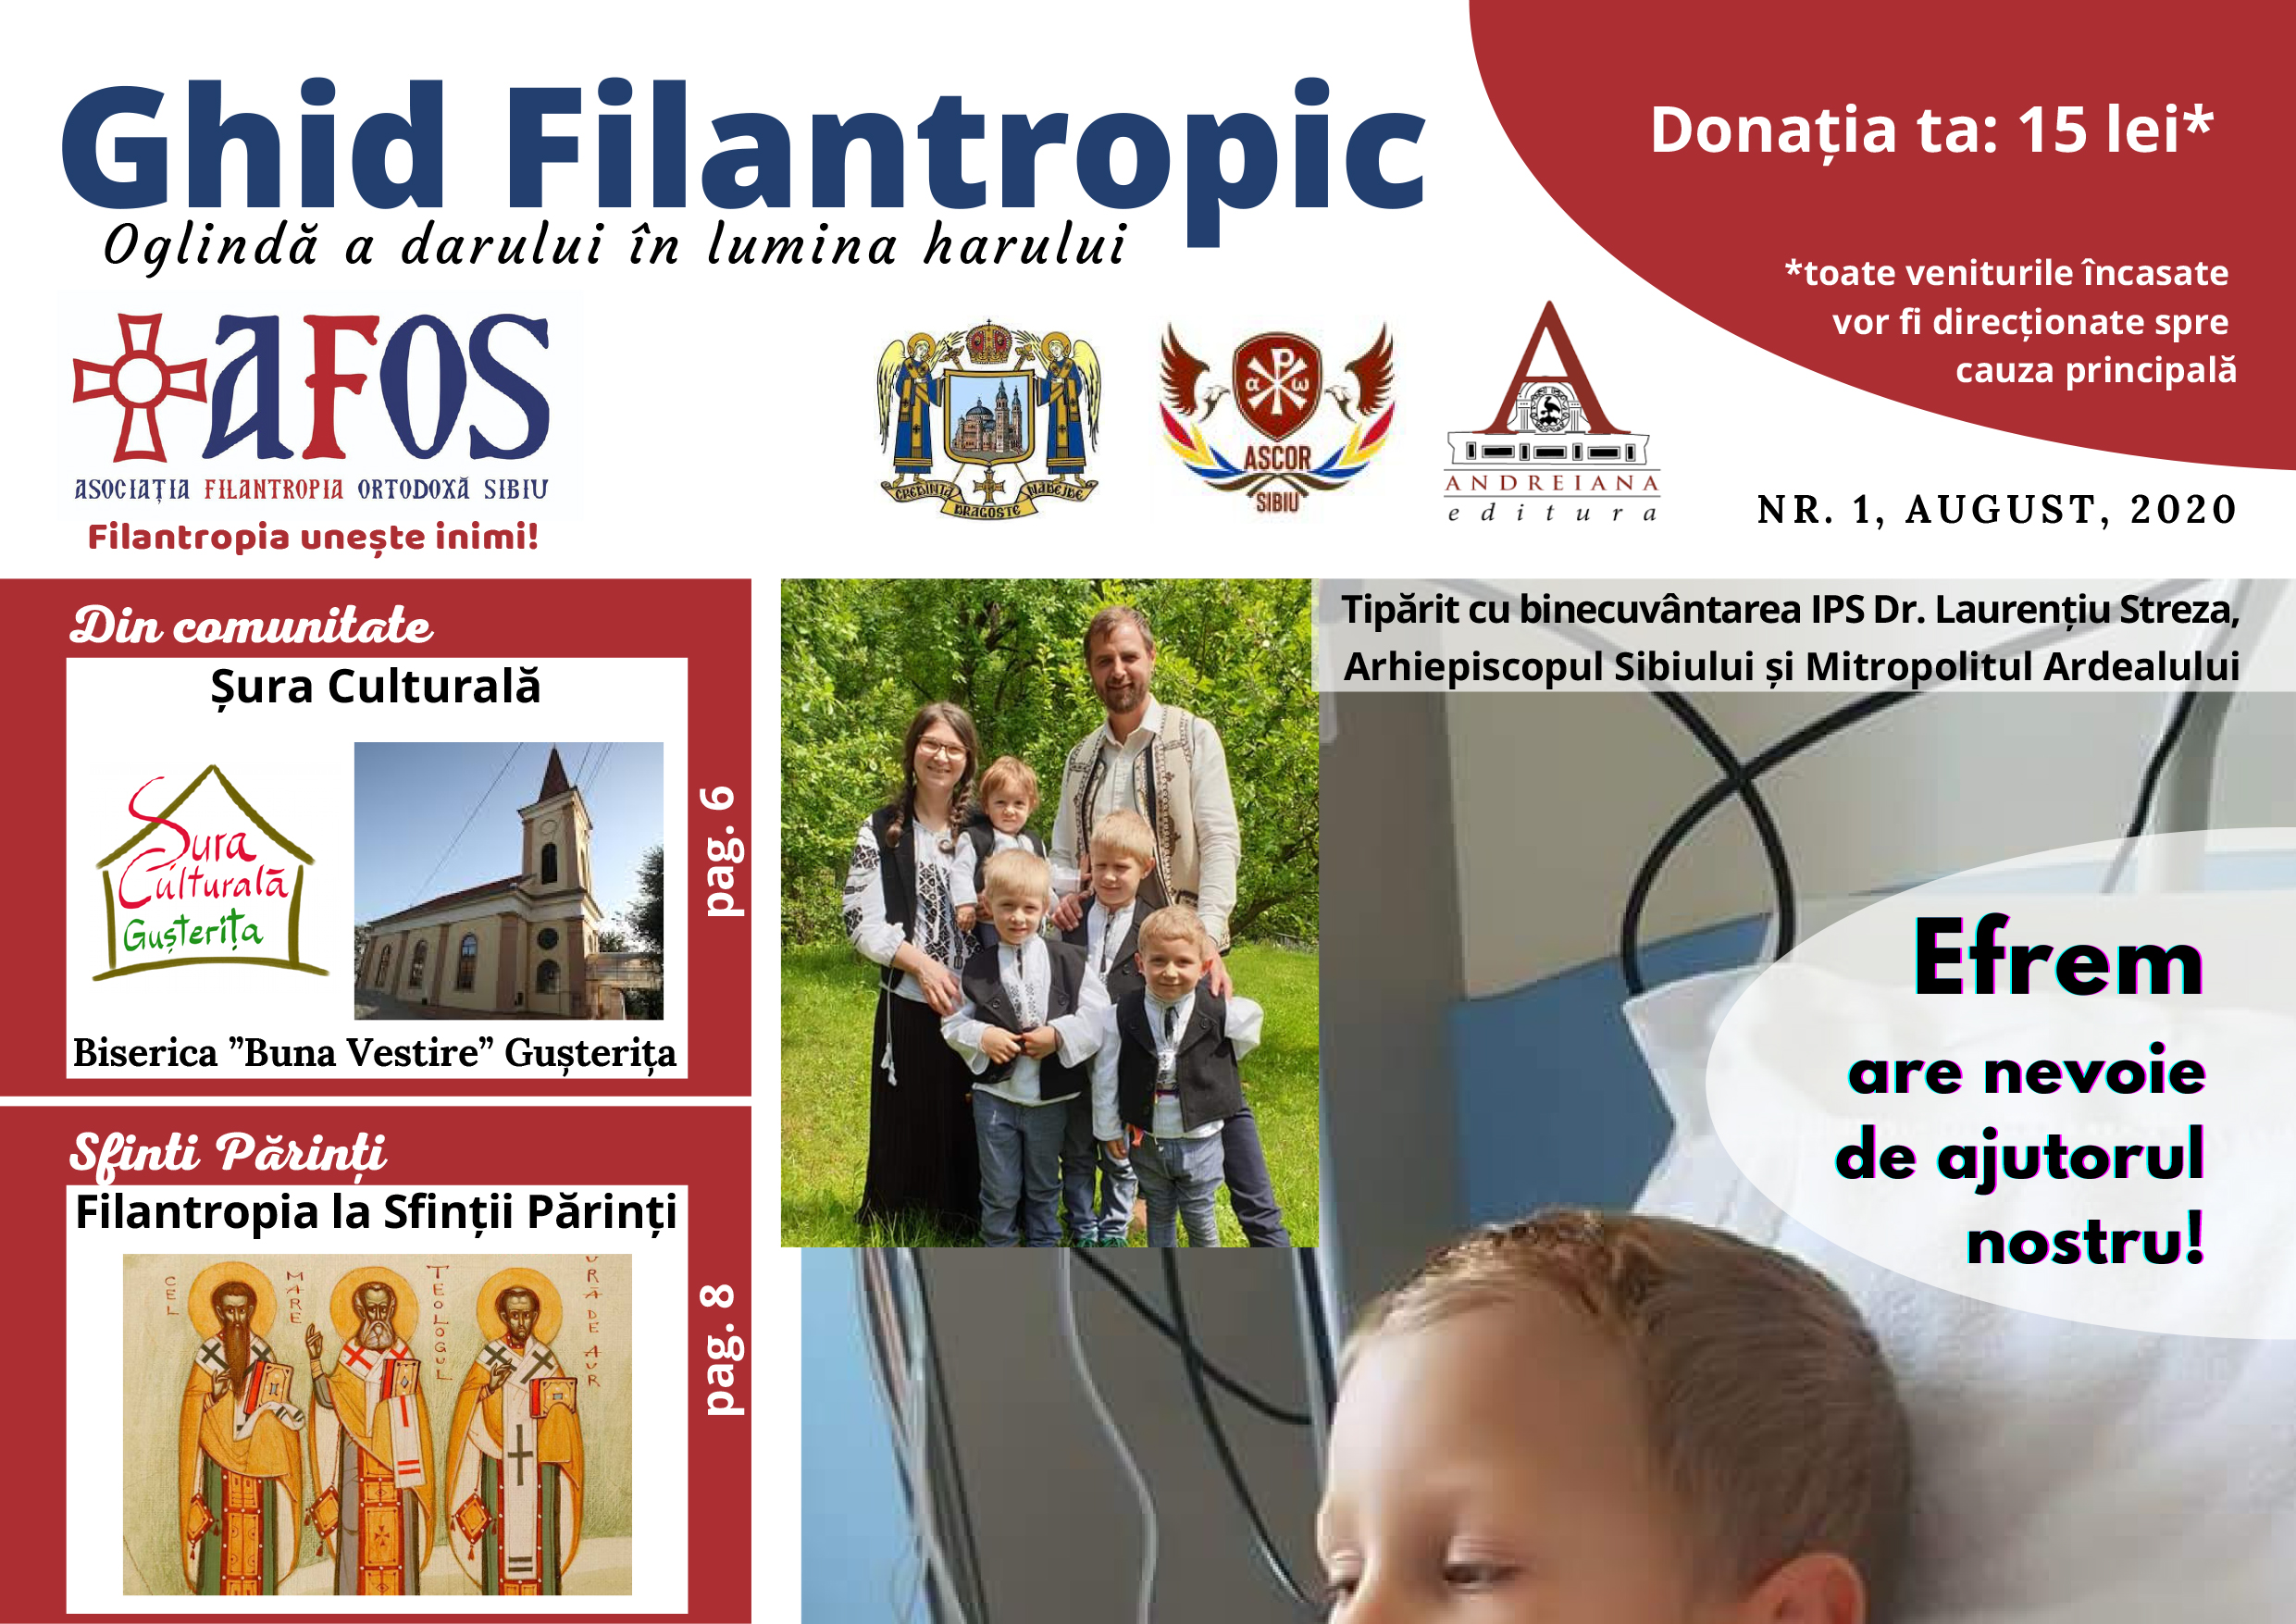 """""""Ghid Filantropic"""", revista tinerilor inimoși. Ultimul proiect AFOS"""